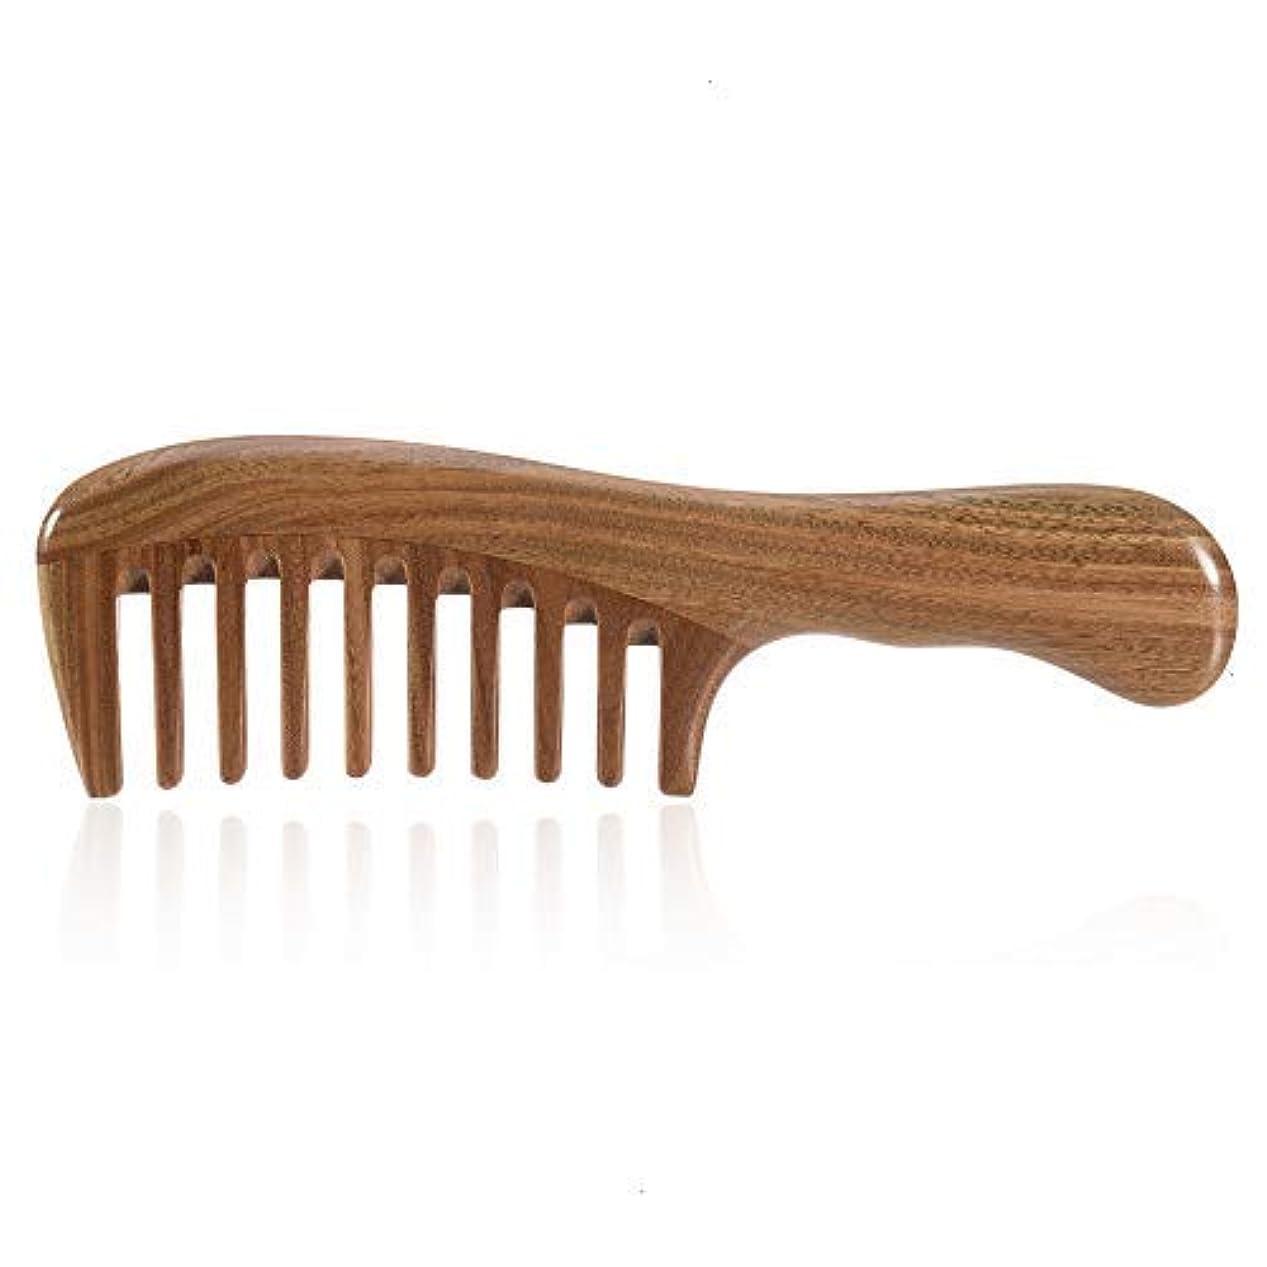 村爆発粗いFeeko Wooden Comb, 1 PC Wide Tooth Detangling Handmade Natural Green Sandalwood Comb Anti-Static Thick Curly Wavy...